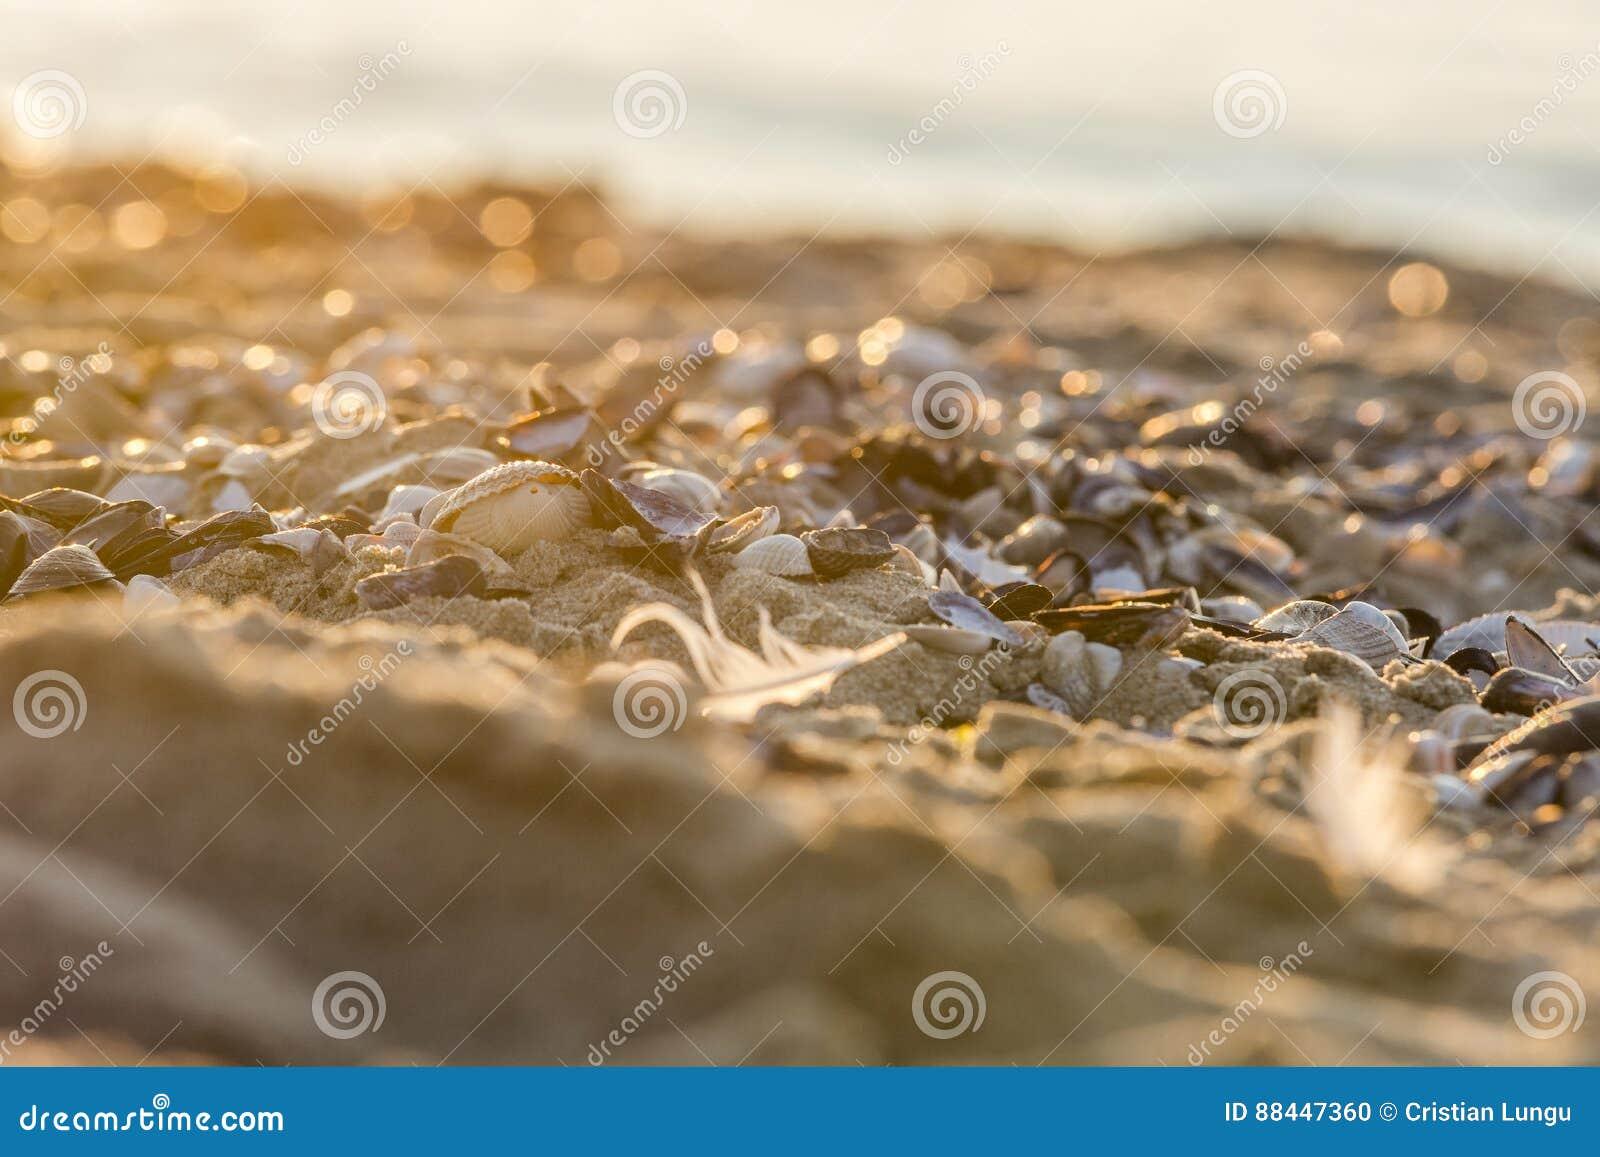 Costas del Mar del Norte